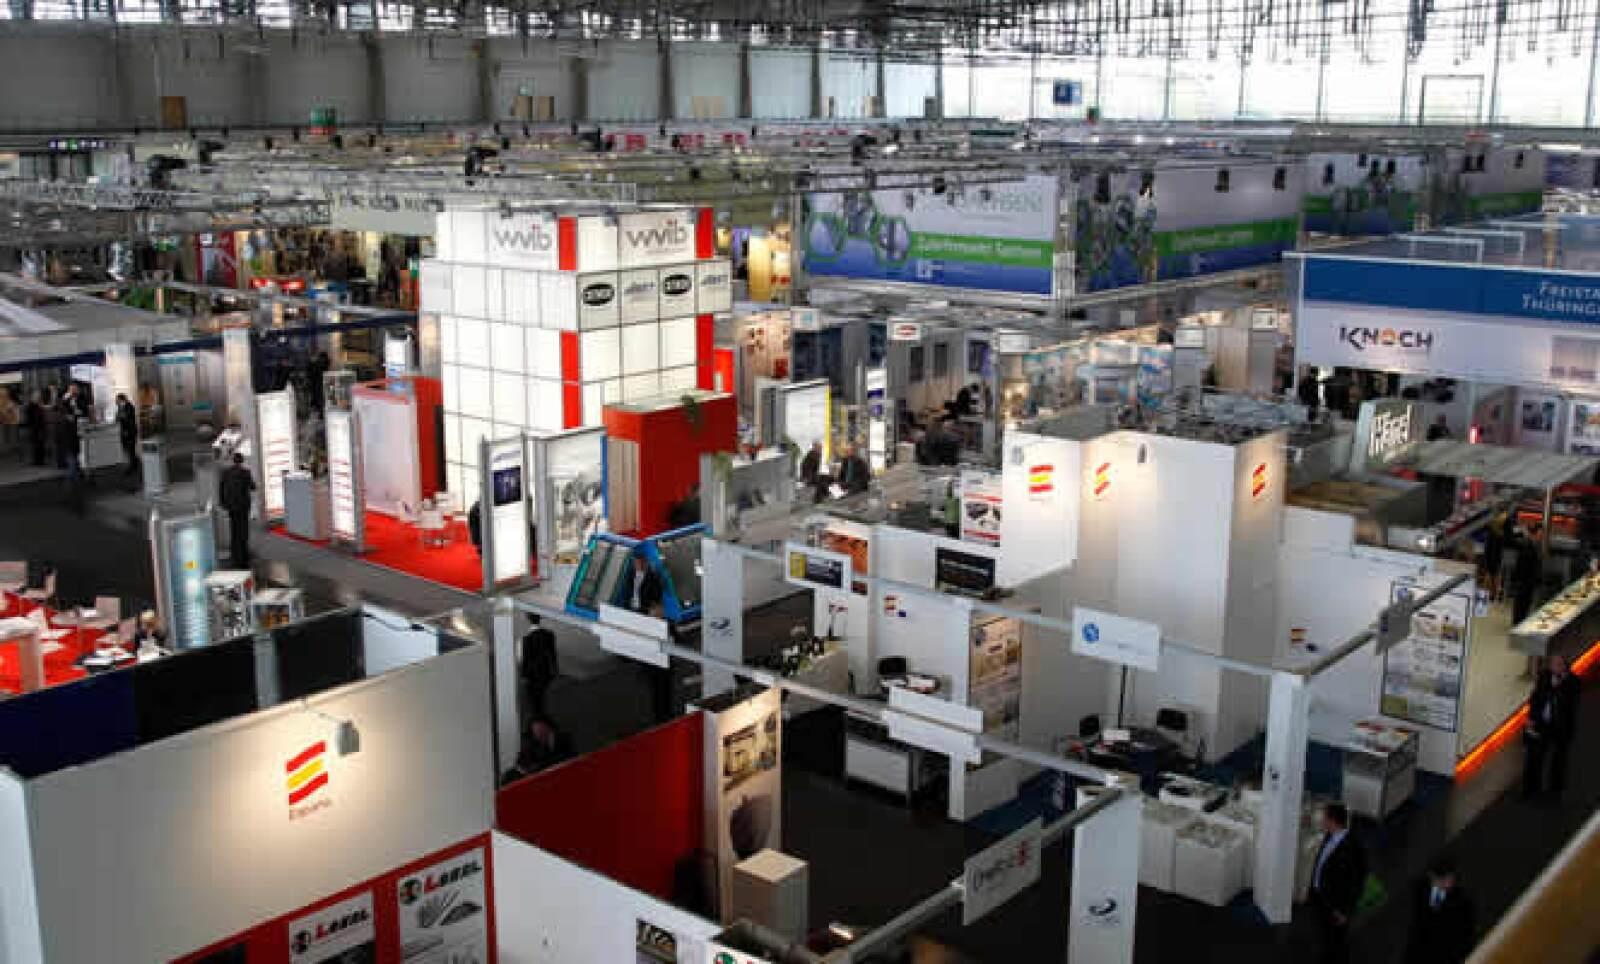 La feria más importante en tecnología industrial, la Feria de Hannover, abrió sus puertas para recibir a más de 4,800 empresas que mostrarán lo mejor en sus avances industriales.